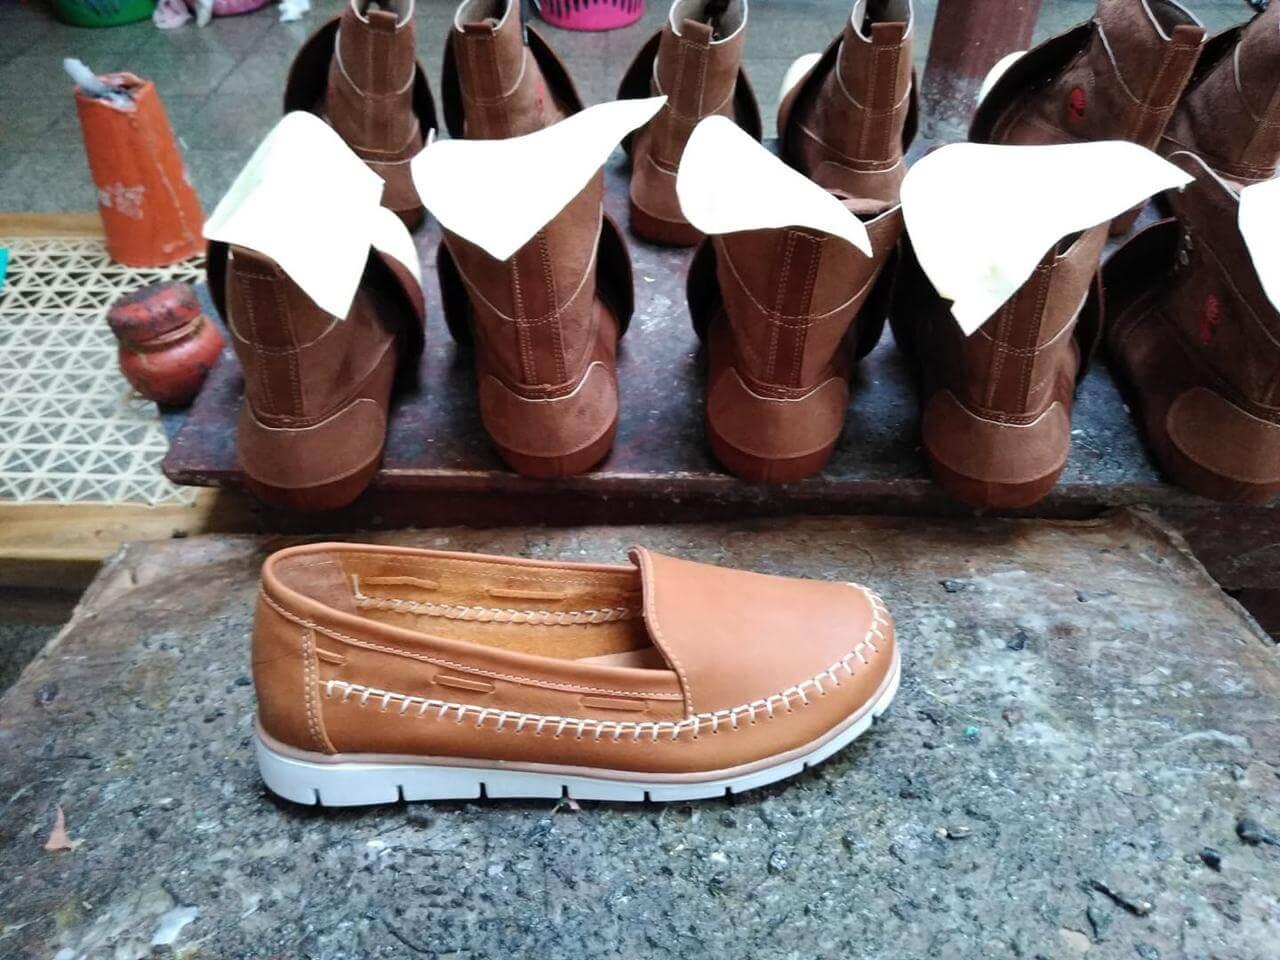 Duque's shoes. Modelo de mocasín.